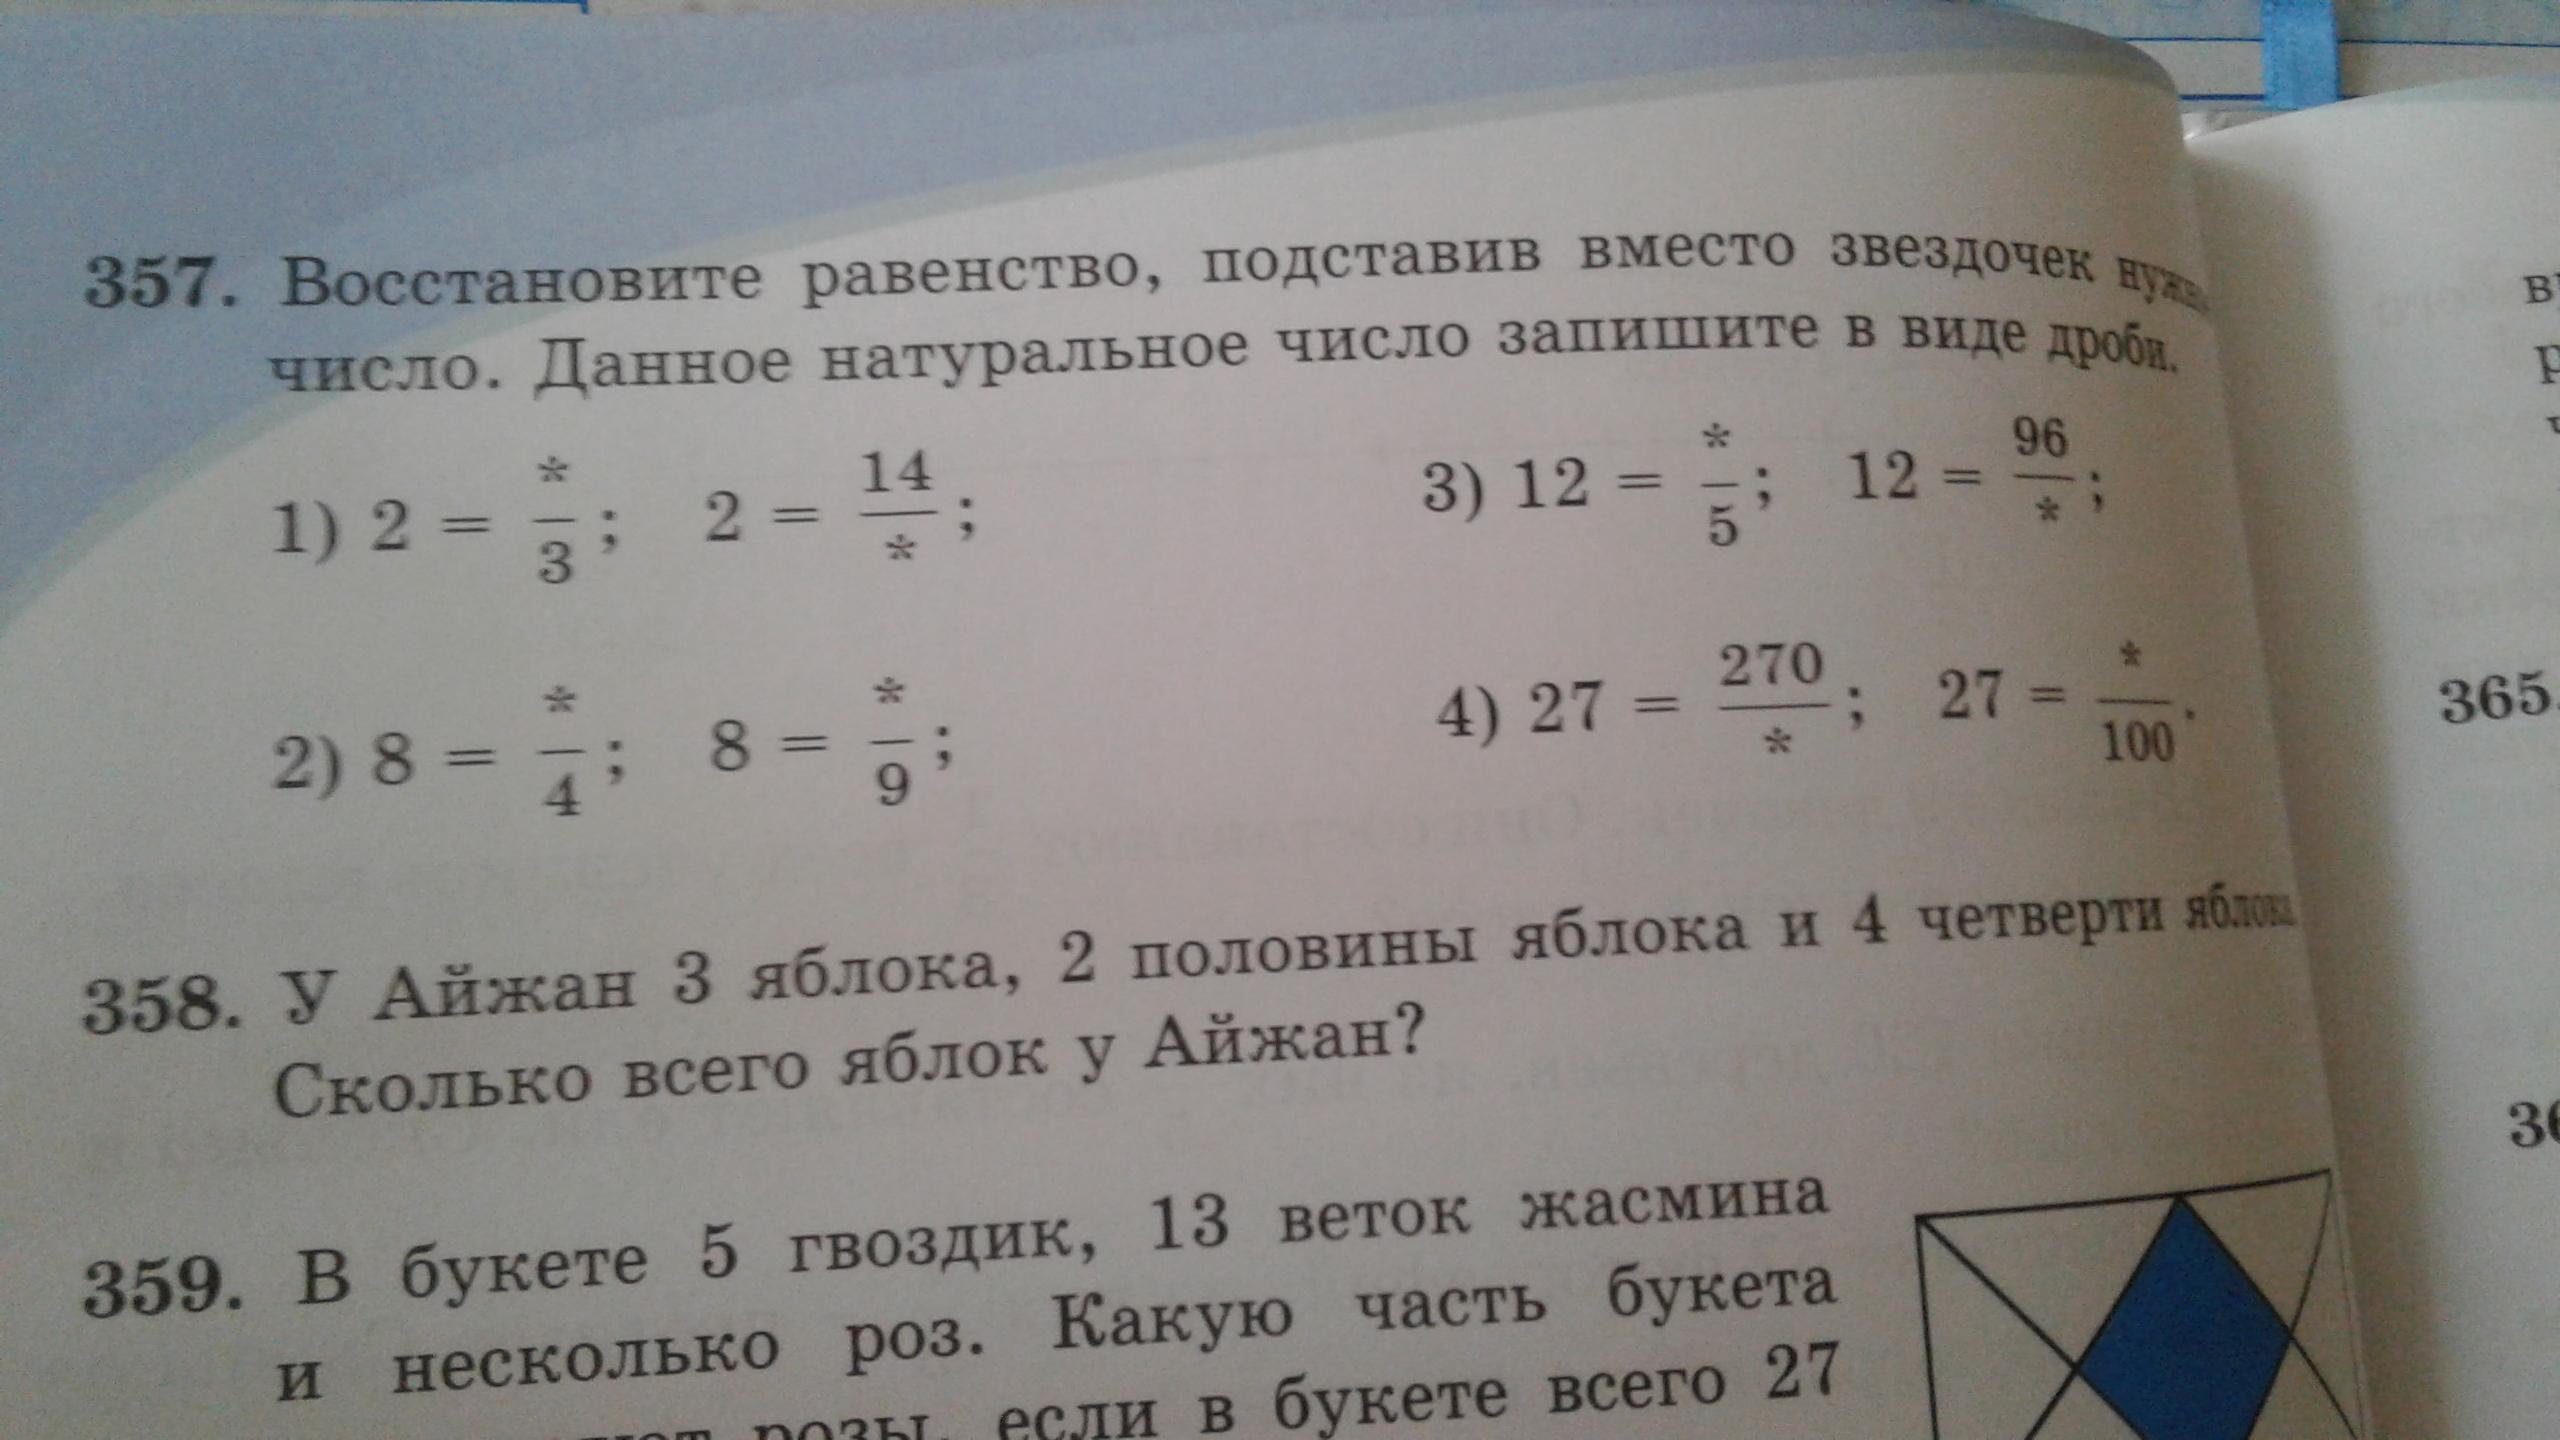 Восстановите равенство поставив вместо звездочек нужное число данное натуральное число запишите в виде дробиномер 357